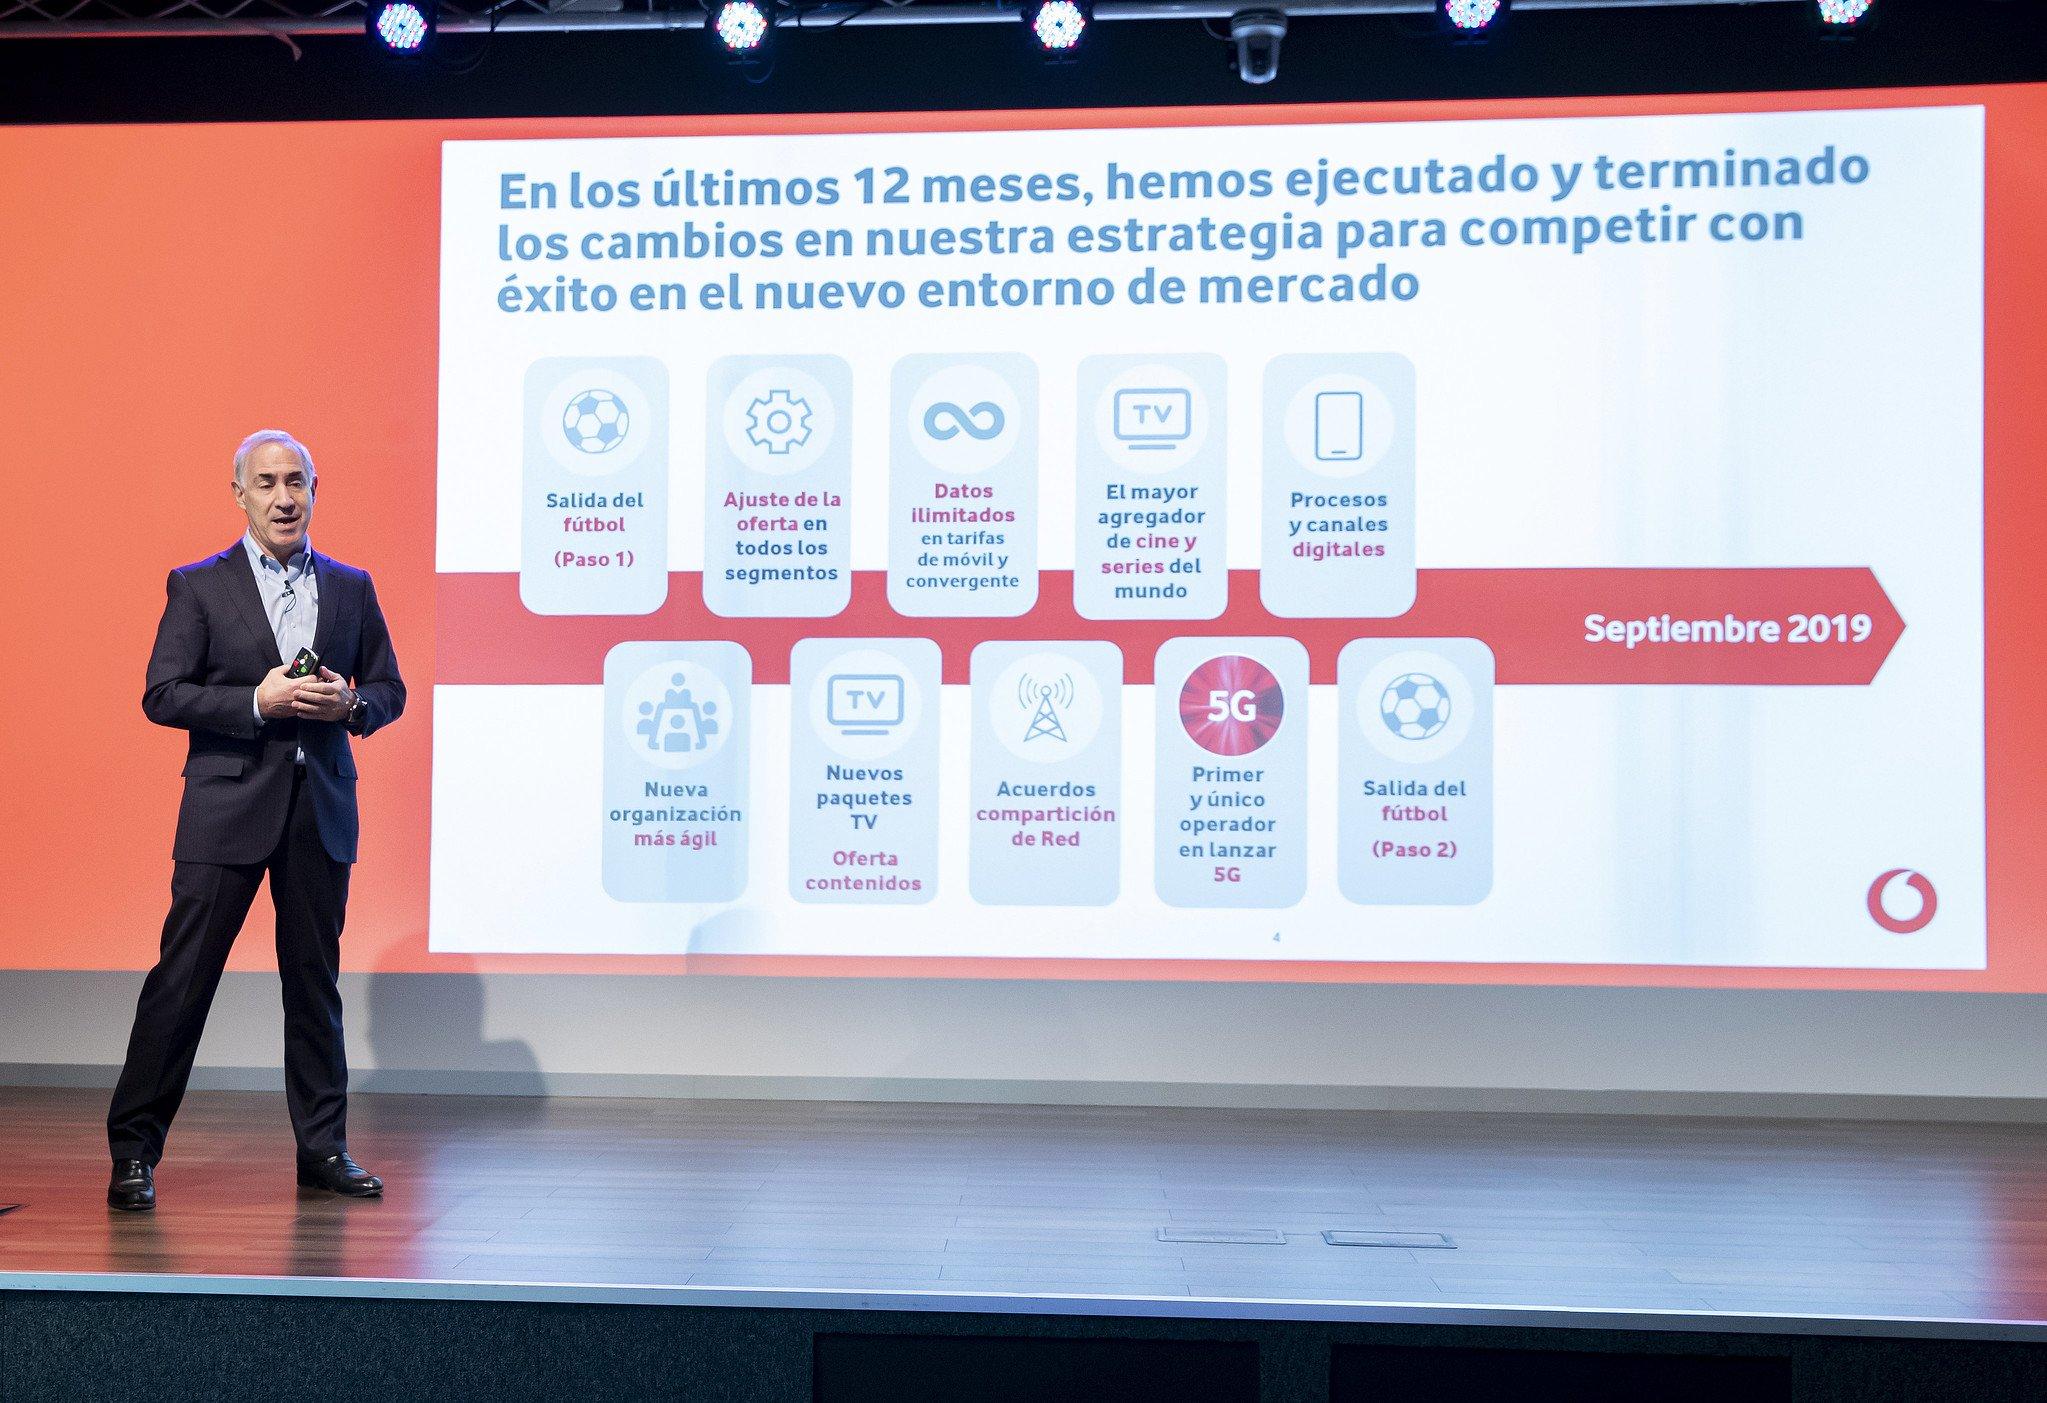 Antonio Coimbra, CEO de Vodafone España, está satisfecho con el giro que ha dado la compañía durante el último año